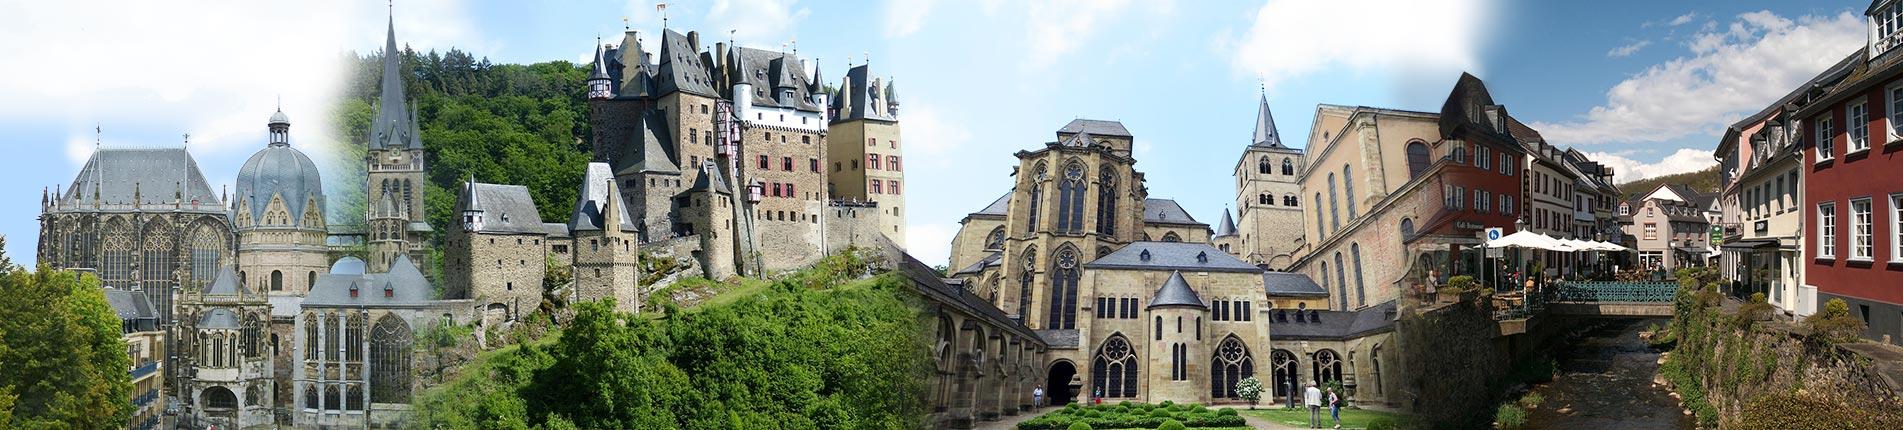 Kultur in der Eifel